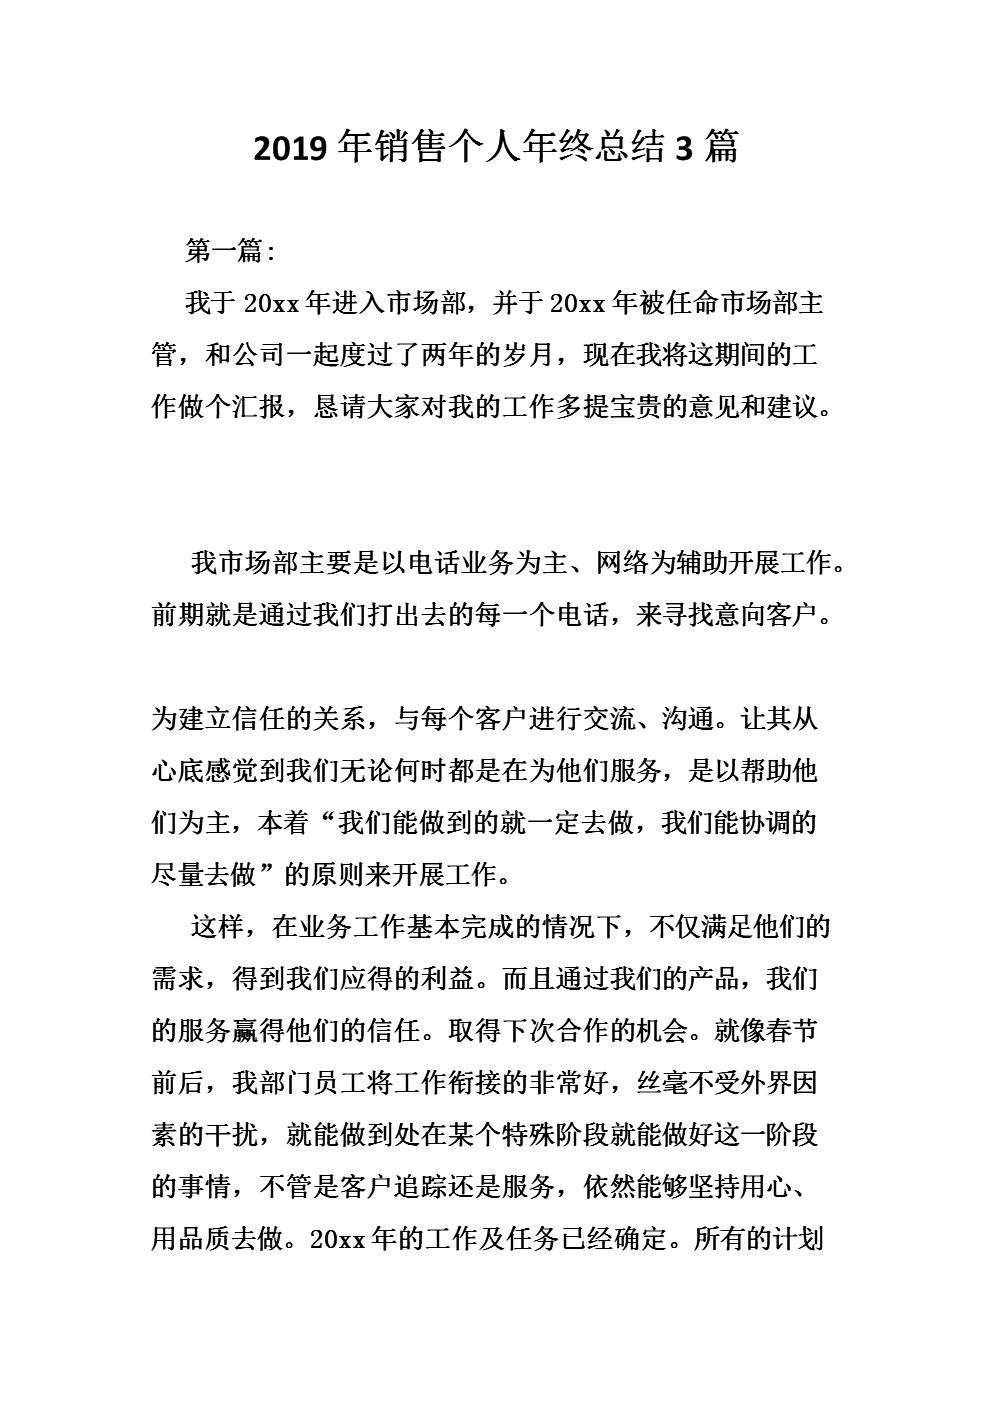 2019年销售个人年终总结3篇.doc